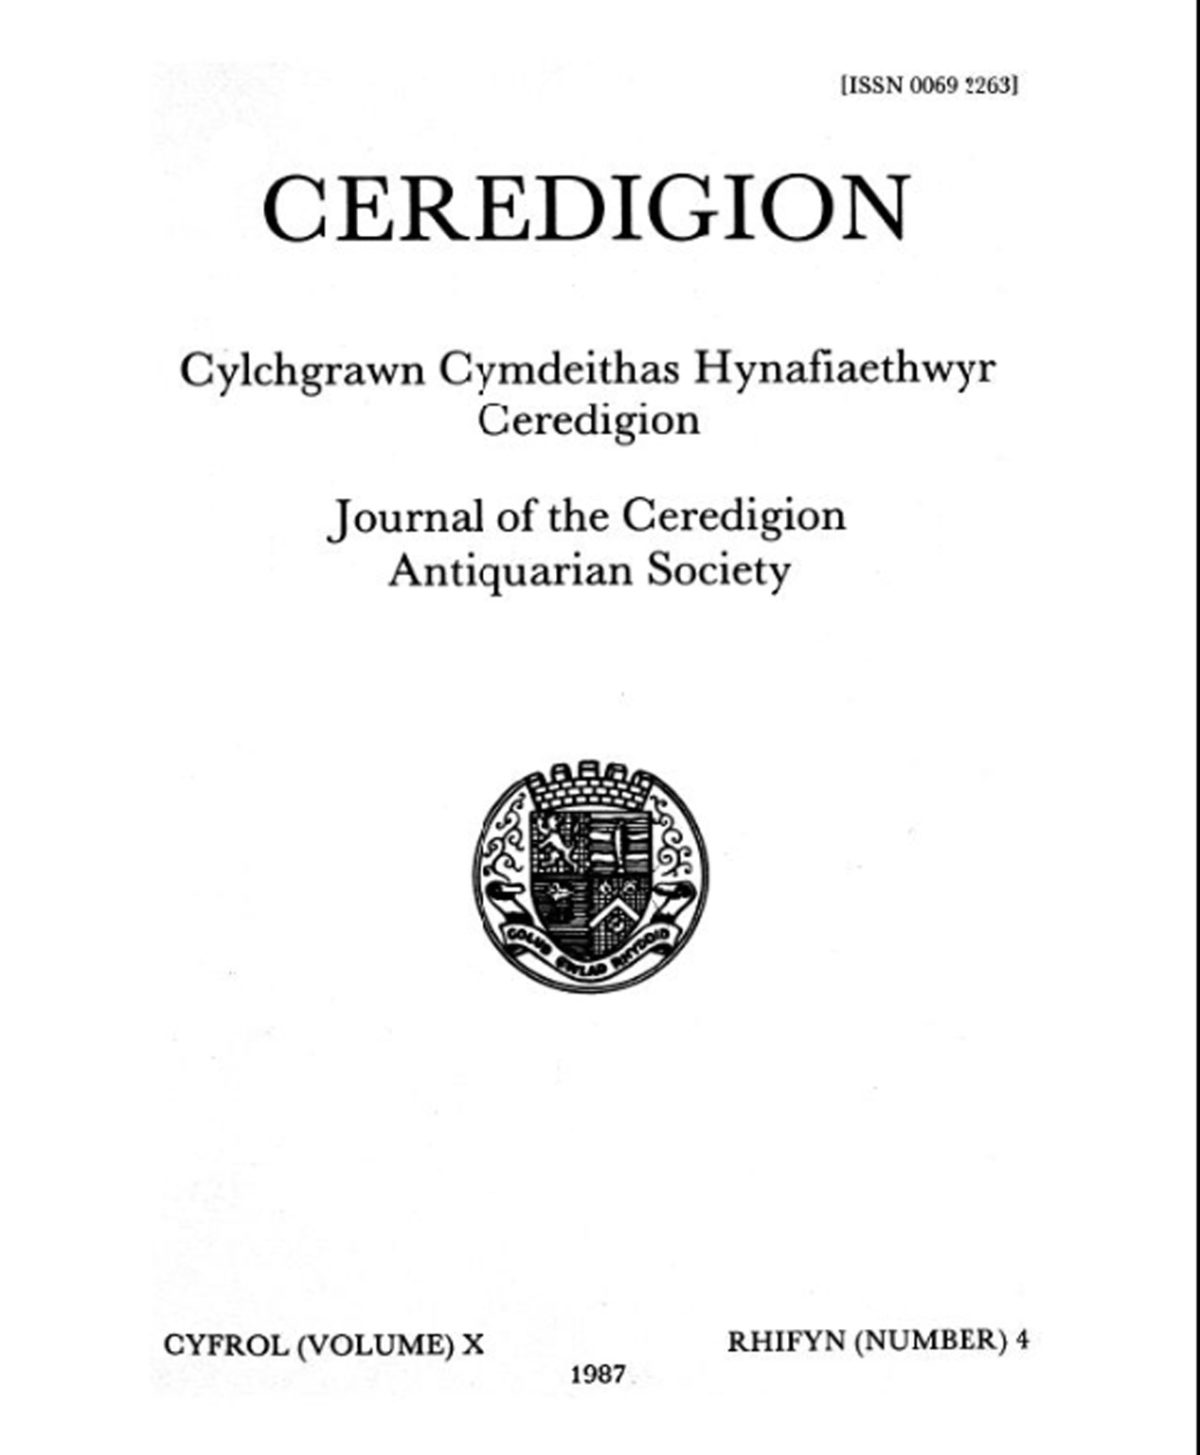 Ceredigion – Cylchgrawn Cymdeithas Hynafiaethwyr Sir Aberteifi, 1987 Cyfrol X Rhifyn 4